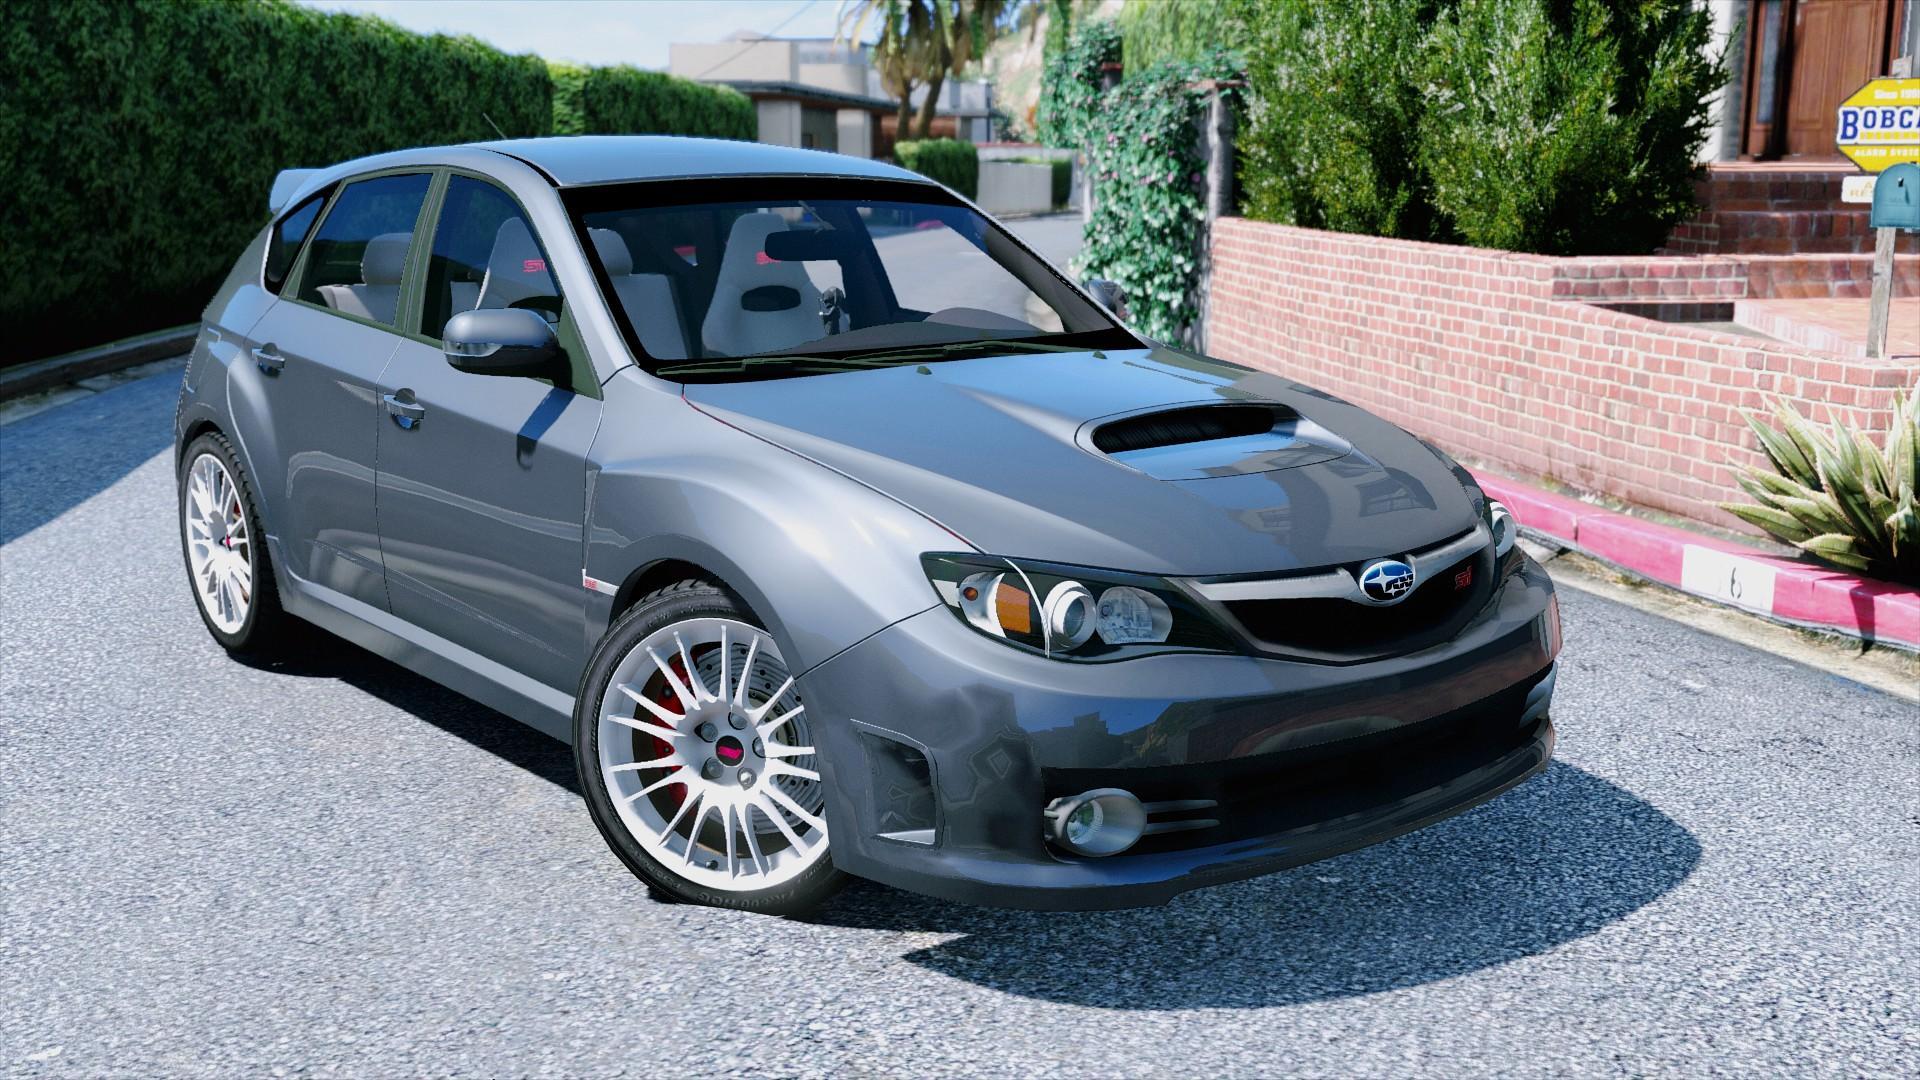 Subaru Impreza Wrx Sti Gta5 Mods Com